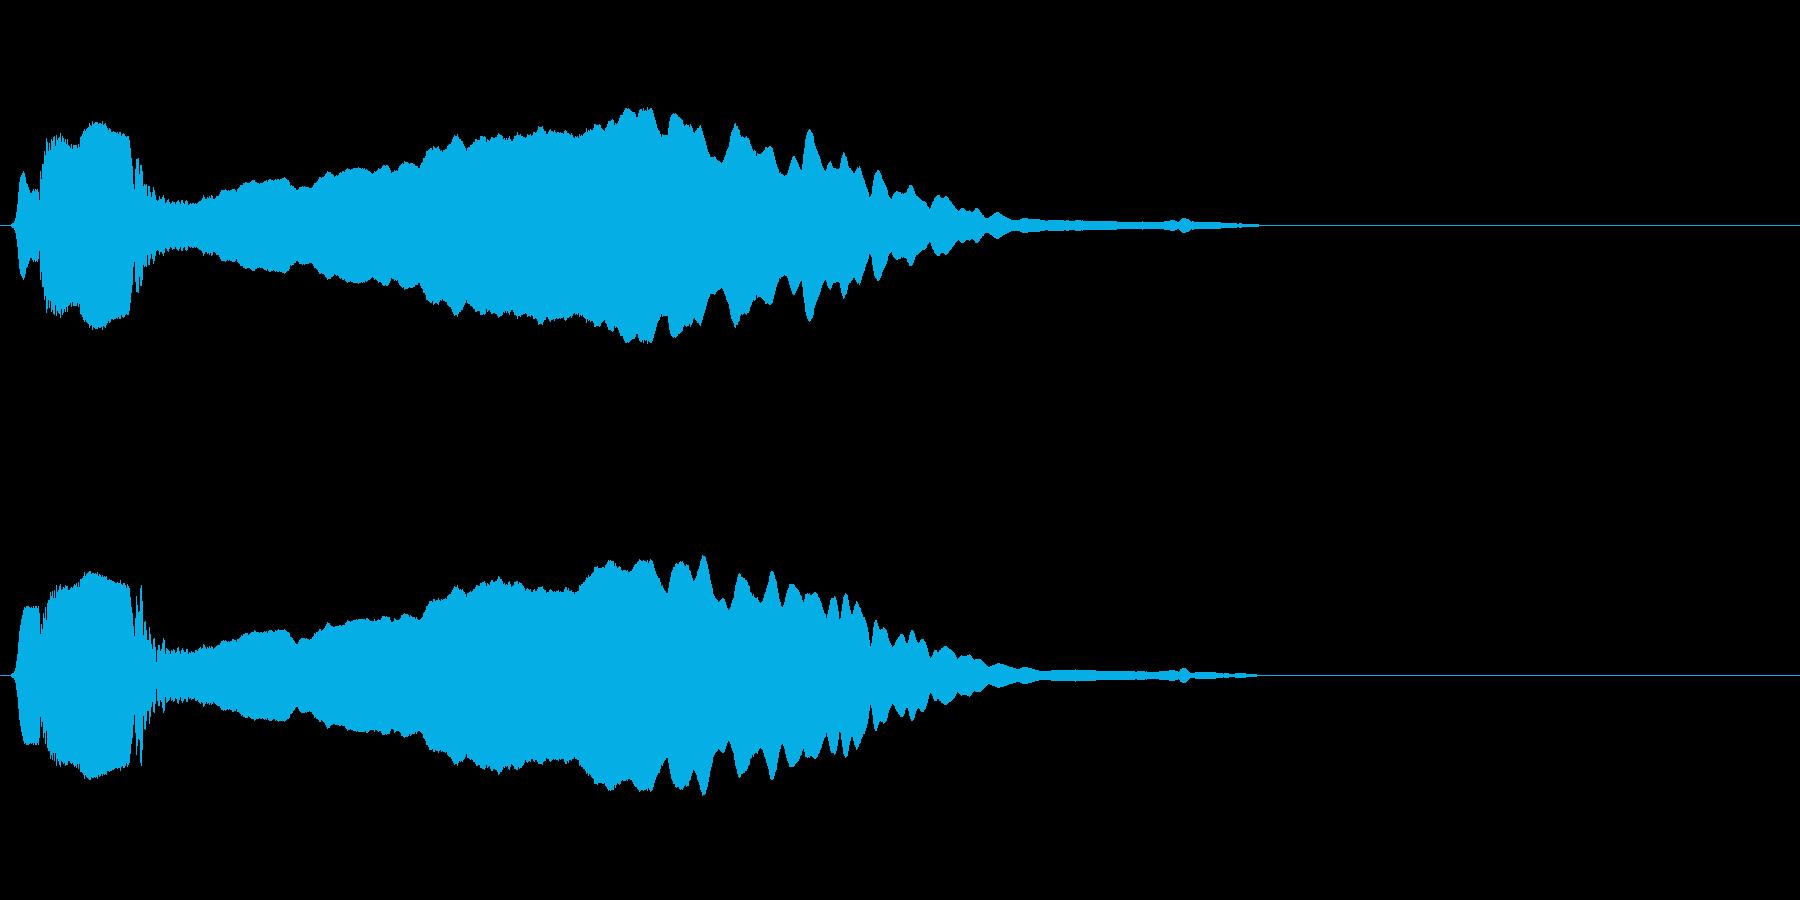 尺八 生演奏 古典風#2の再生済みの波形